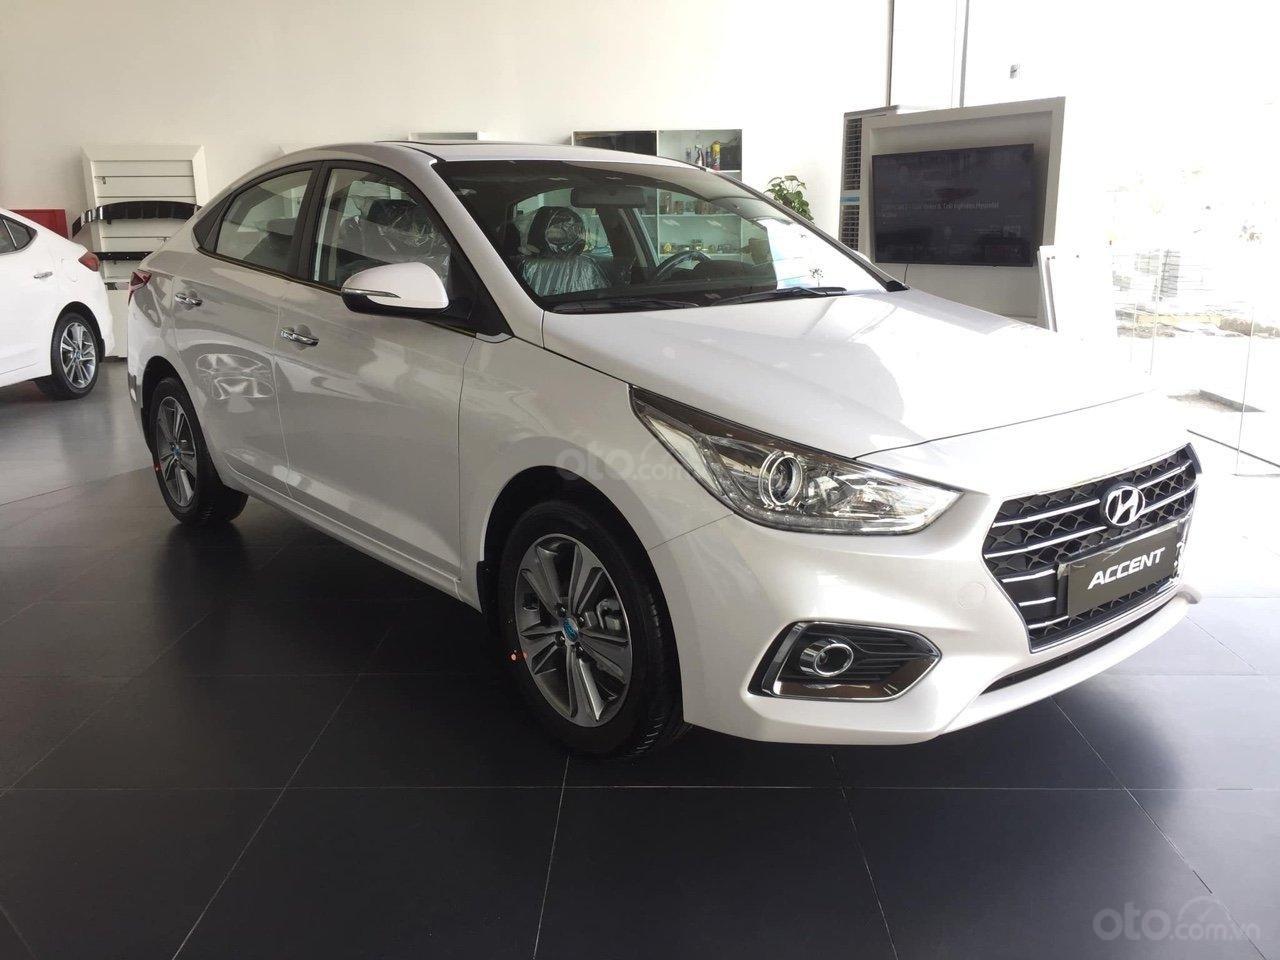 Hyundai Accent 1.4 số sàn và tự động mới 2019, giá chỉ từ 425tr, trả góp 85%, LH: 0902 235 123 (2)